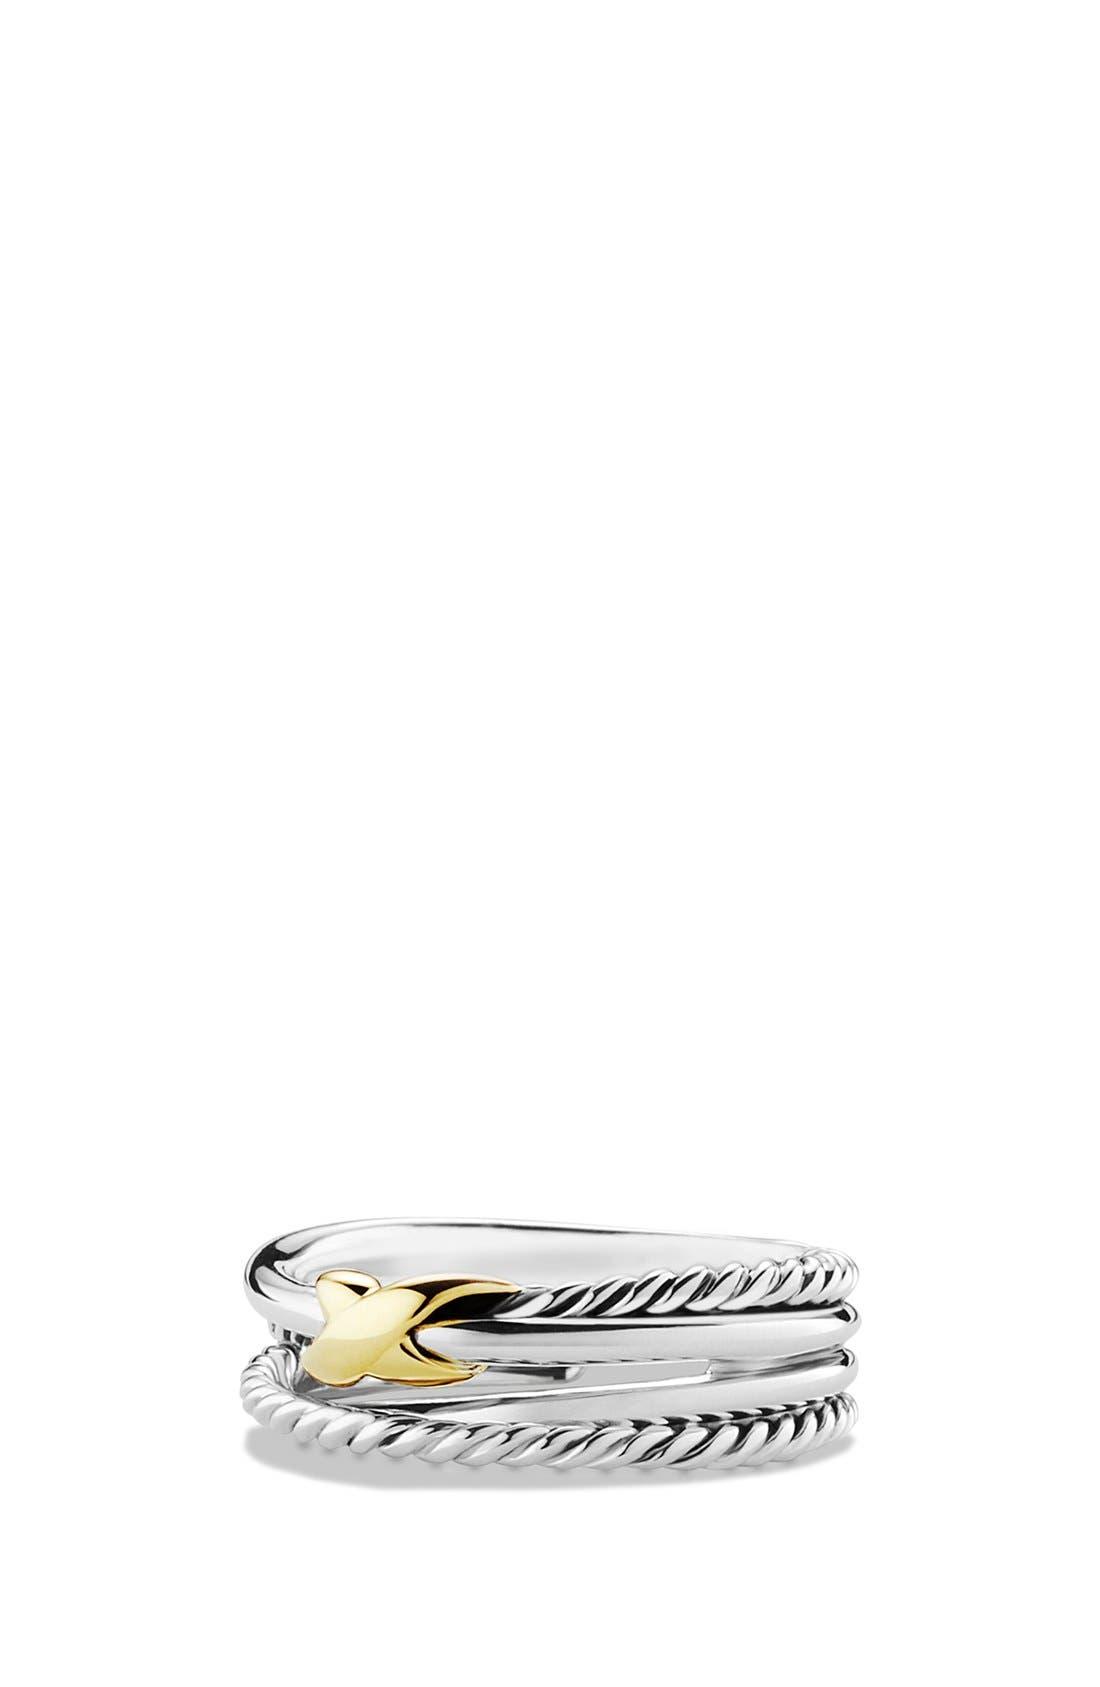 Main Image - David Yurman 'X Crossover' Ring